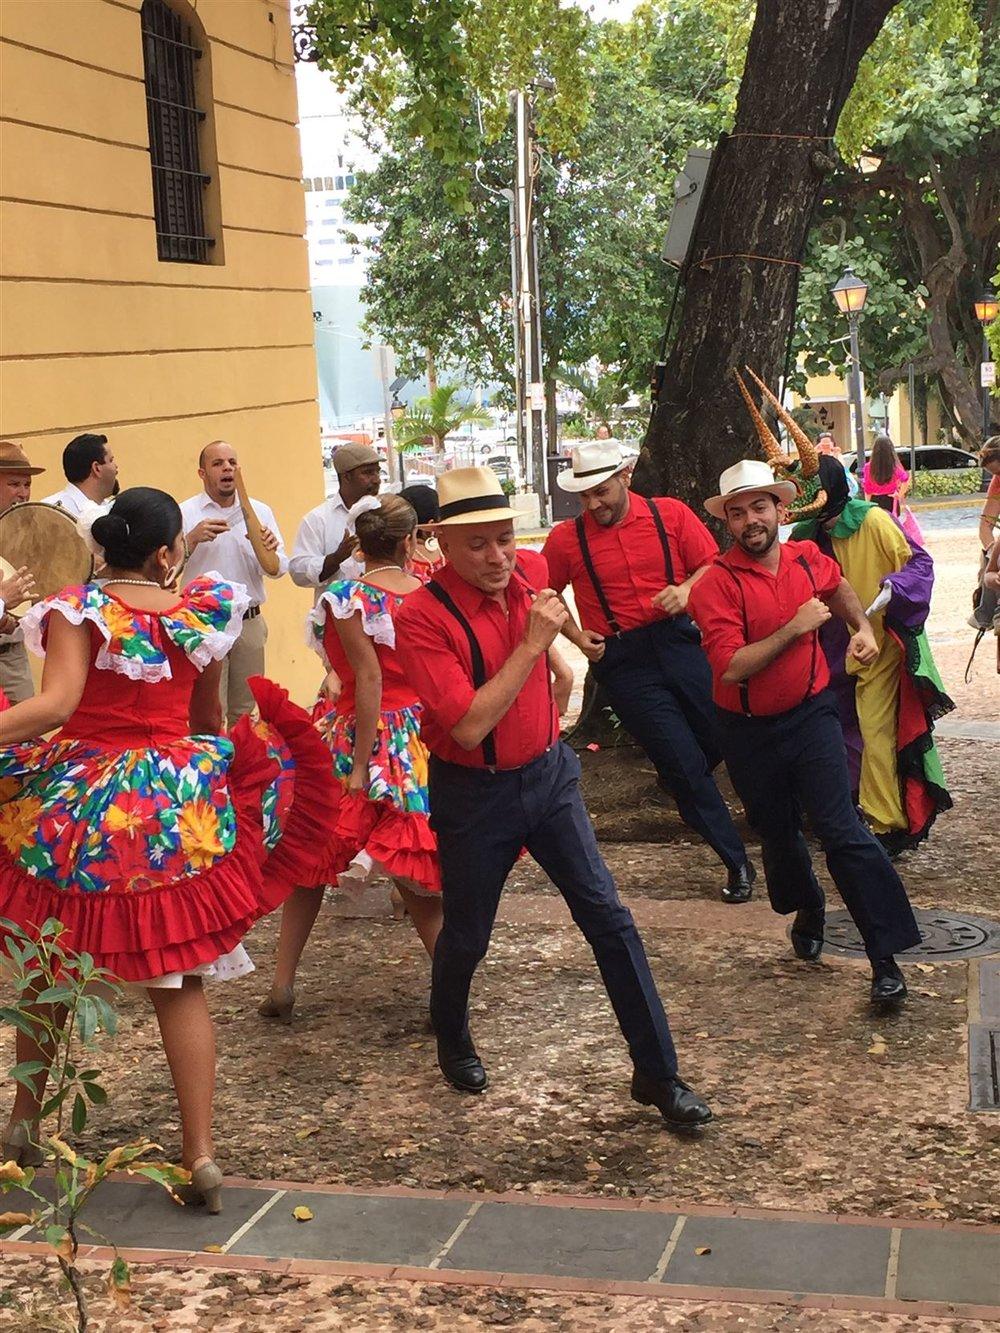 EsterRiu_PuertoRico'sPeopleWillDanceAgain_resized.JPG